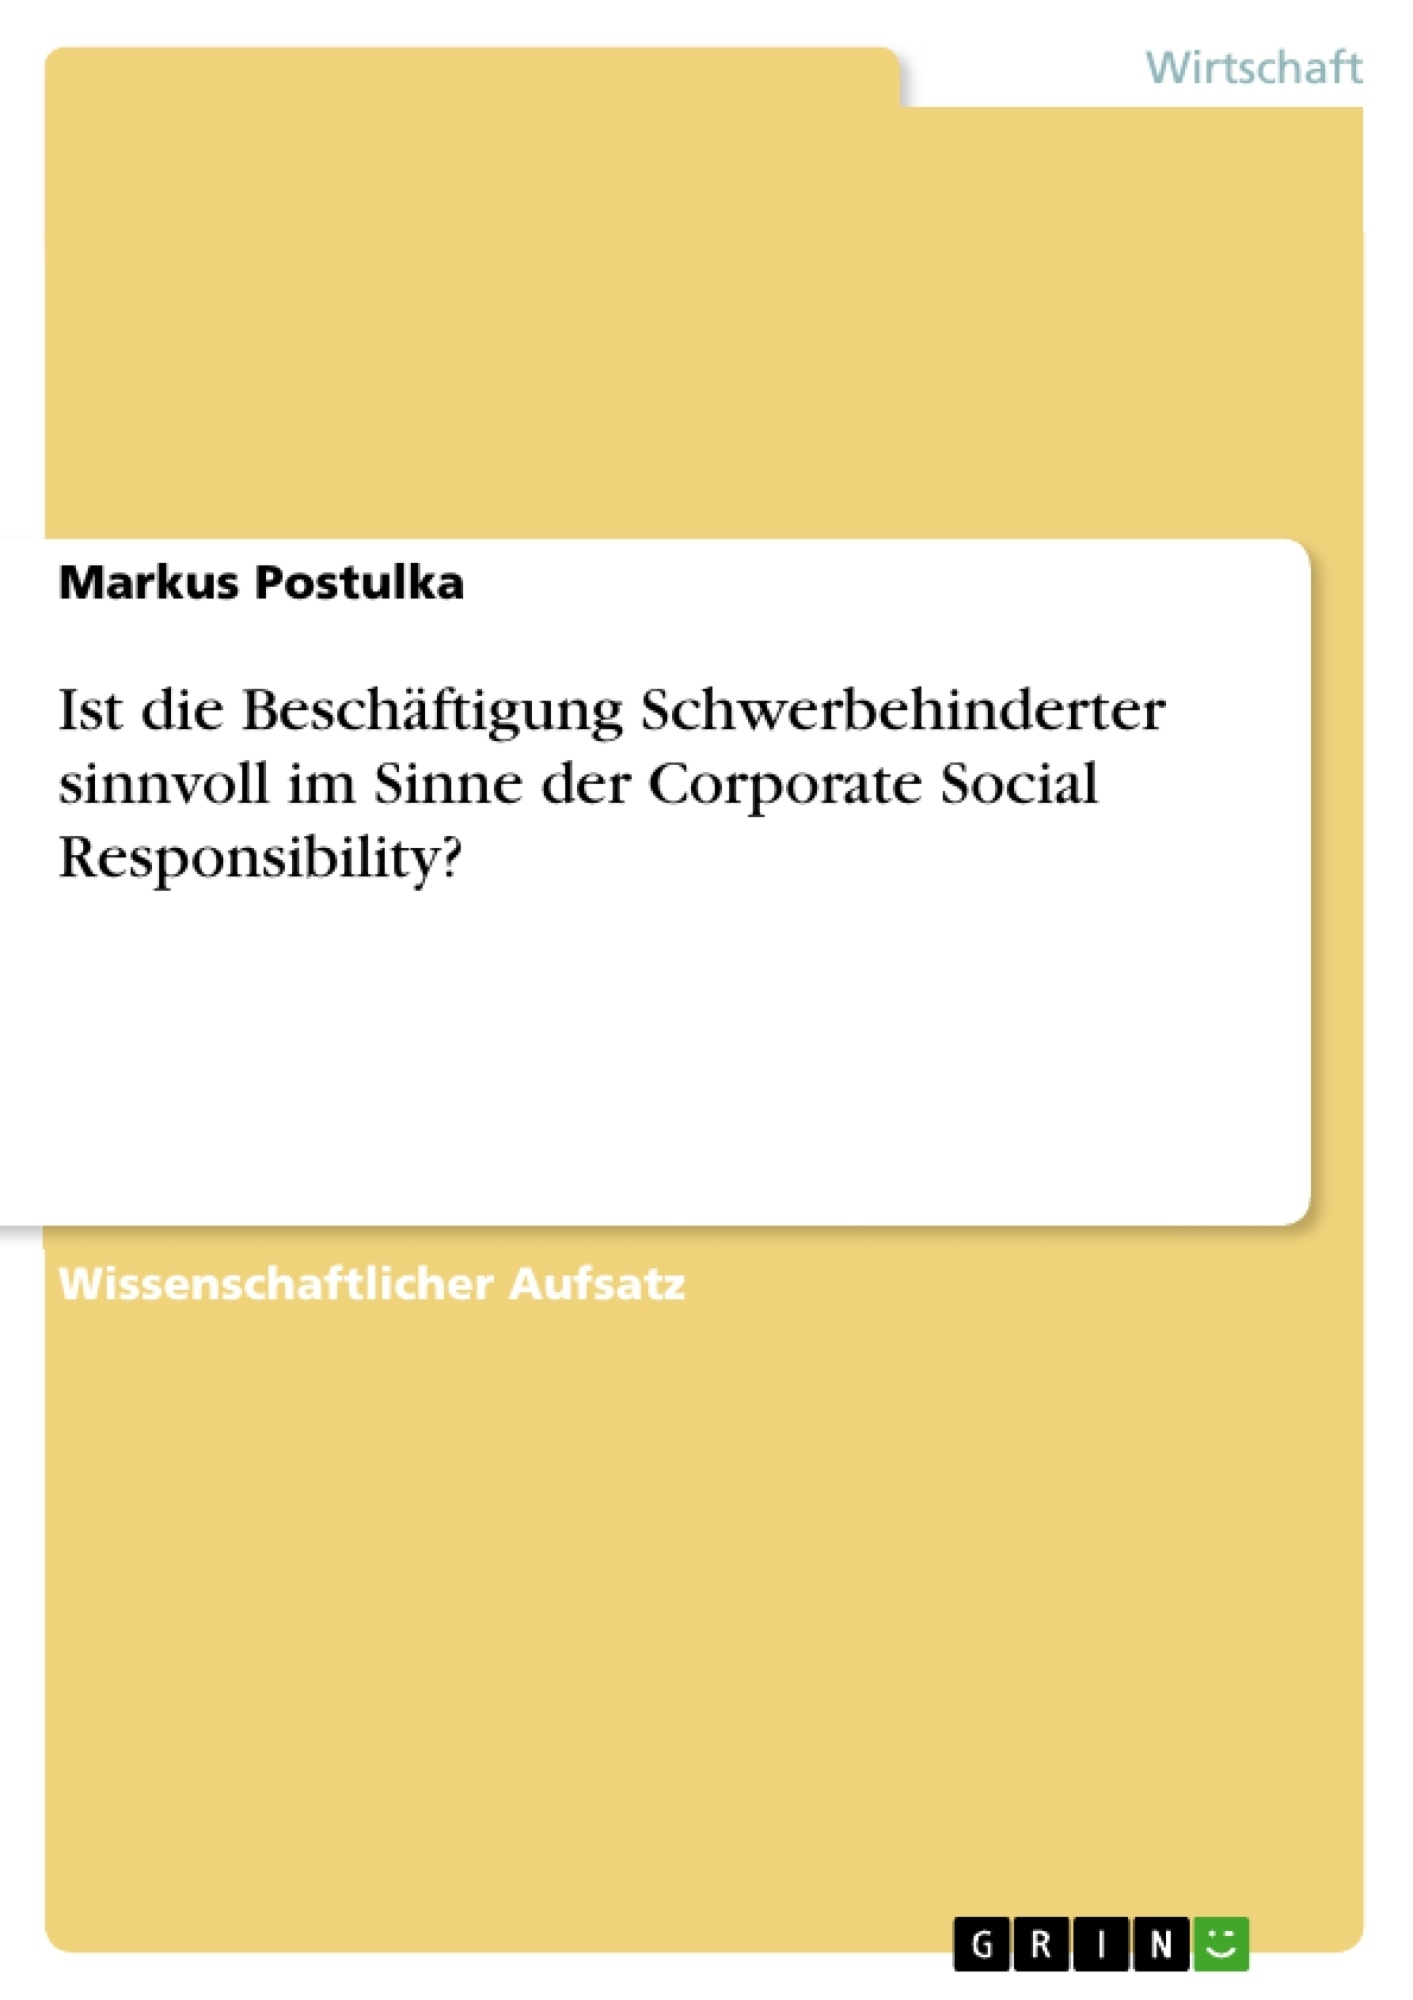 Titel: Ist die Beschäftigung Schwerbehinderter sinnvoll im Sinne der Corporate Social Responsibility?